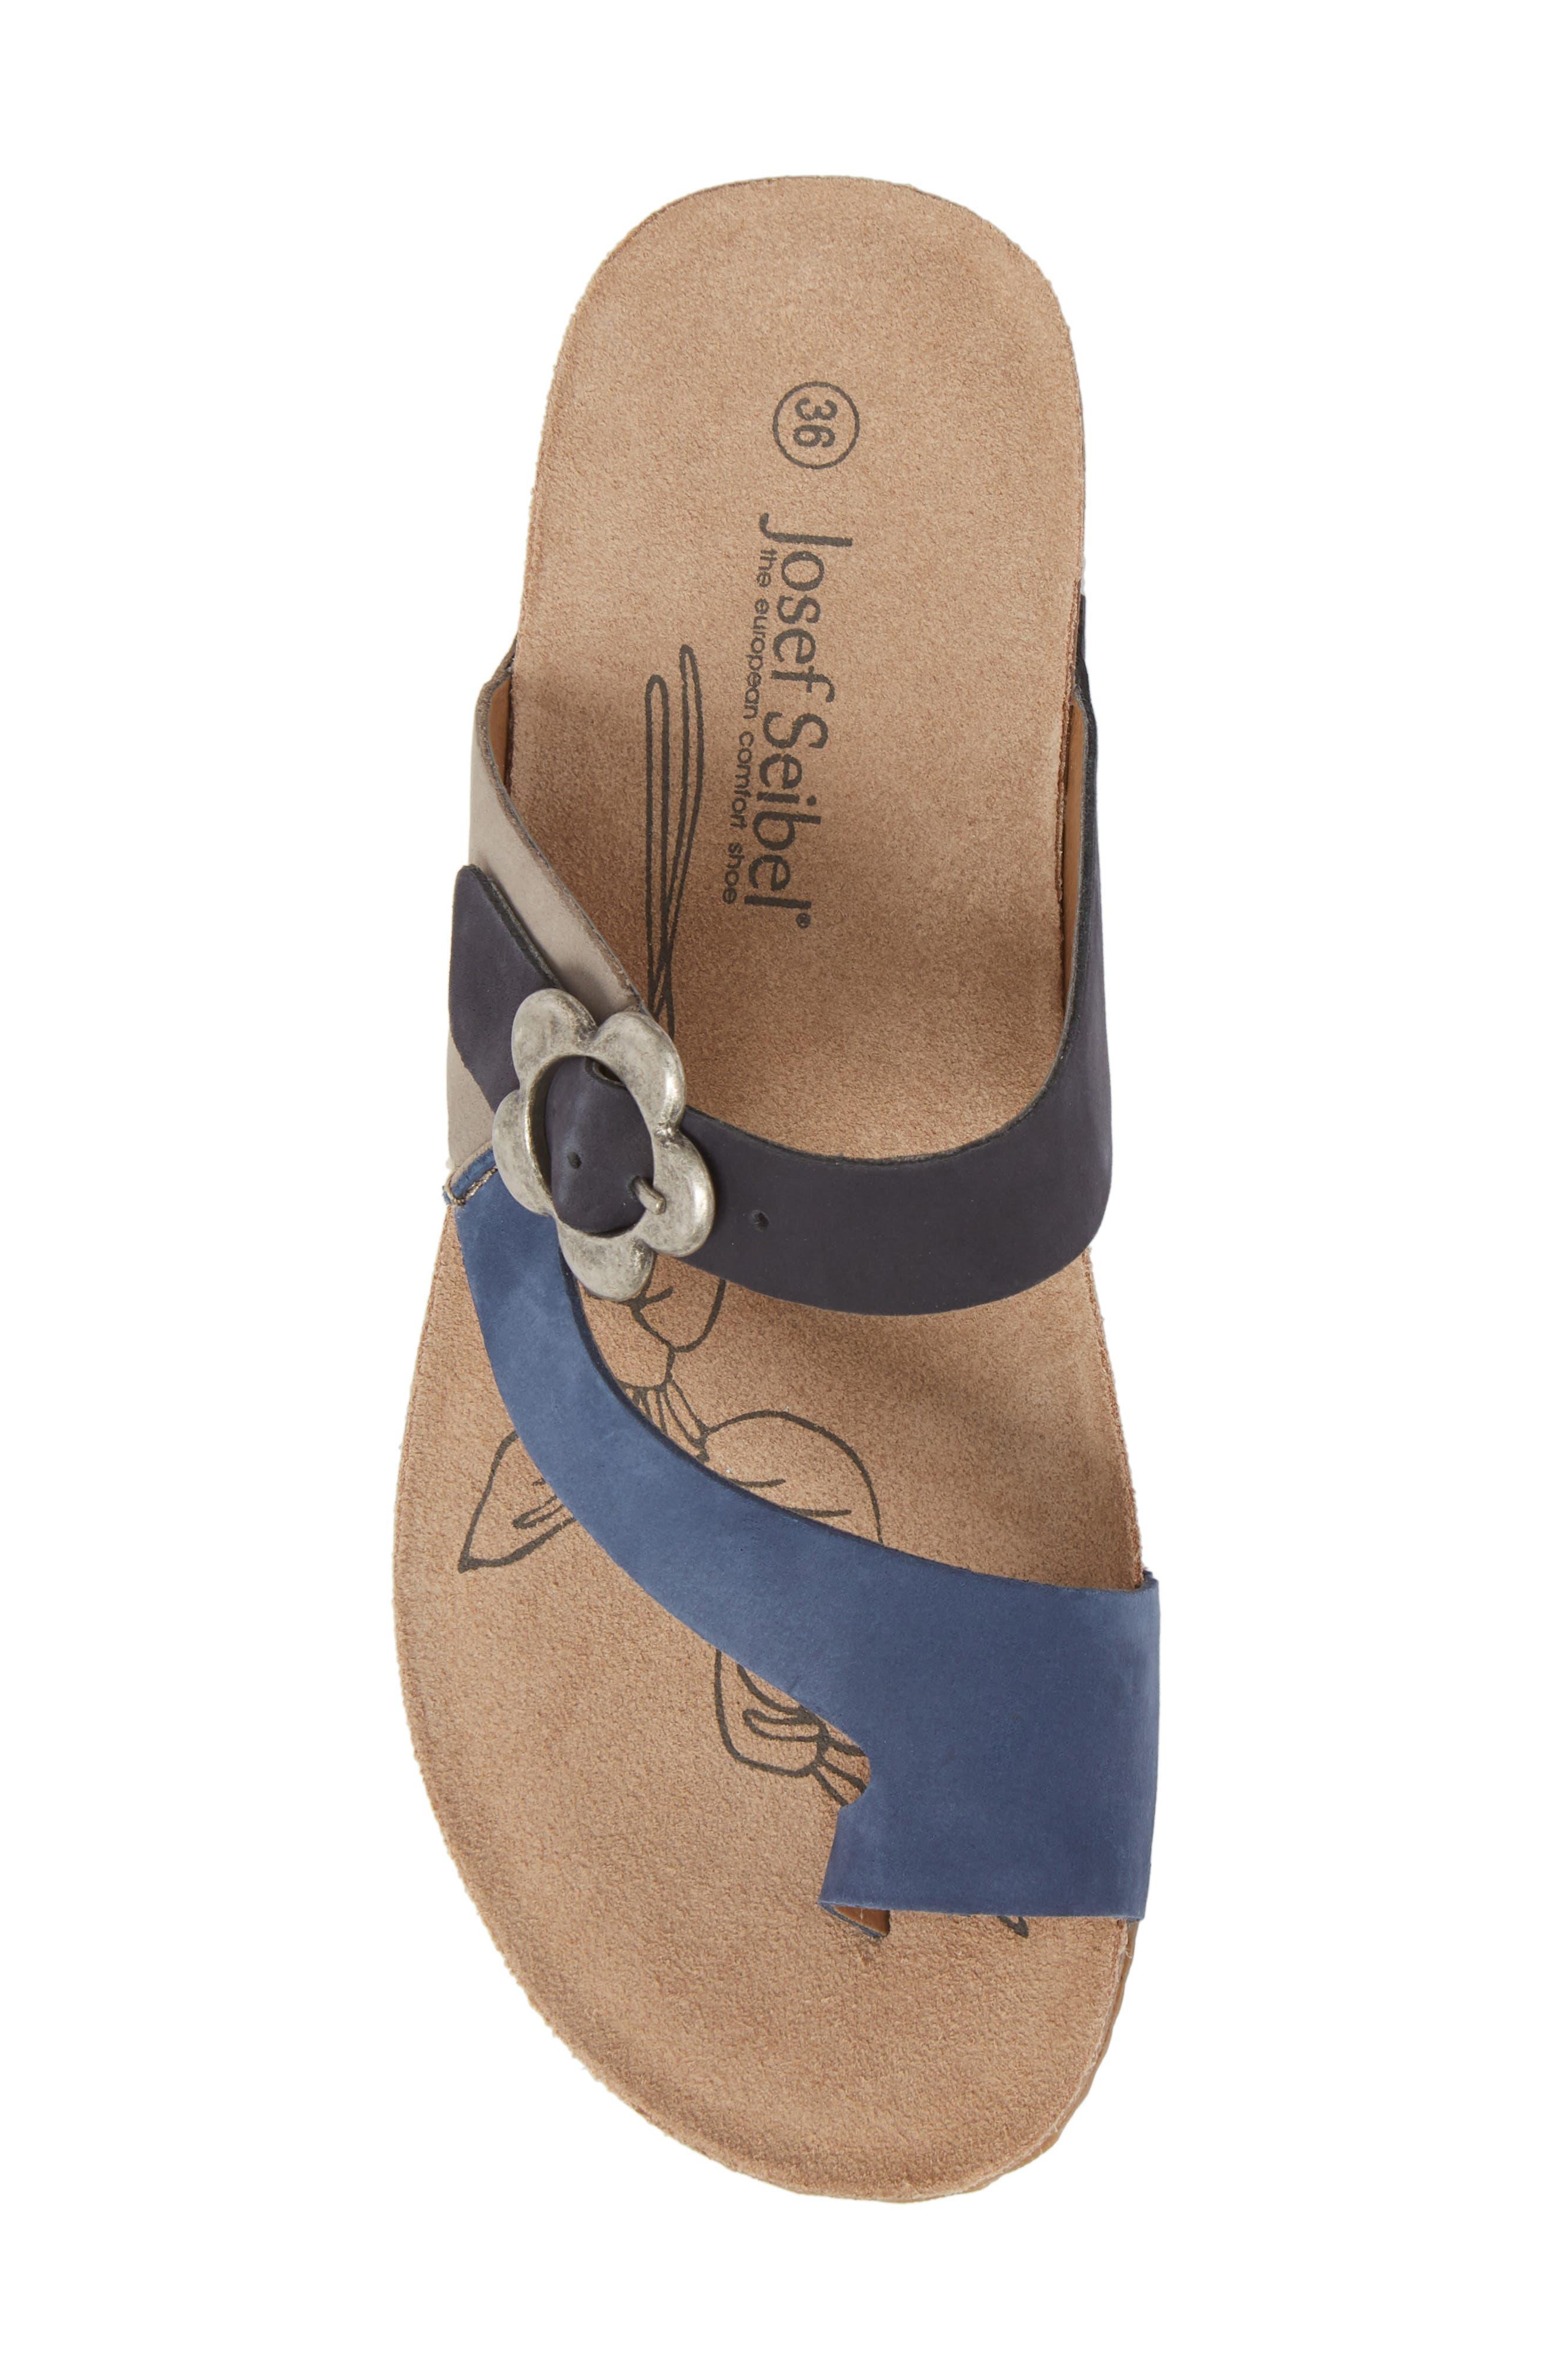 Tonga 23 Sandal,                             Alternate thumbnail 5, color,                             Blue Multi Leather